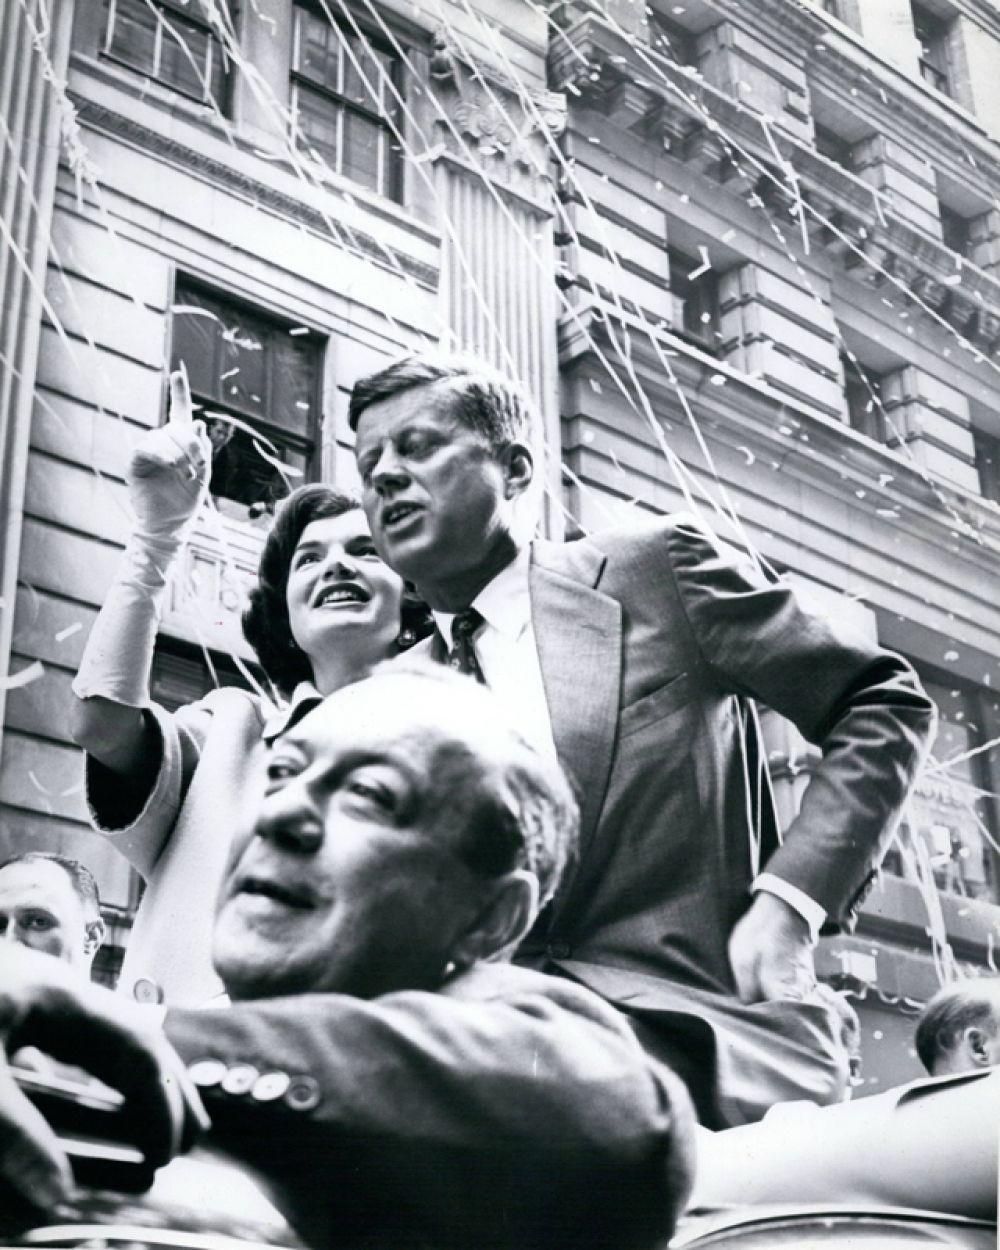 Выпускником Гарвардского университета является Джон Кеннеди.